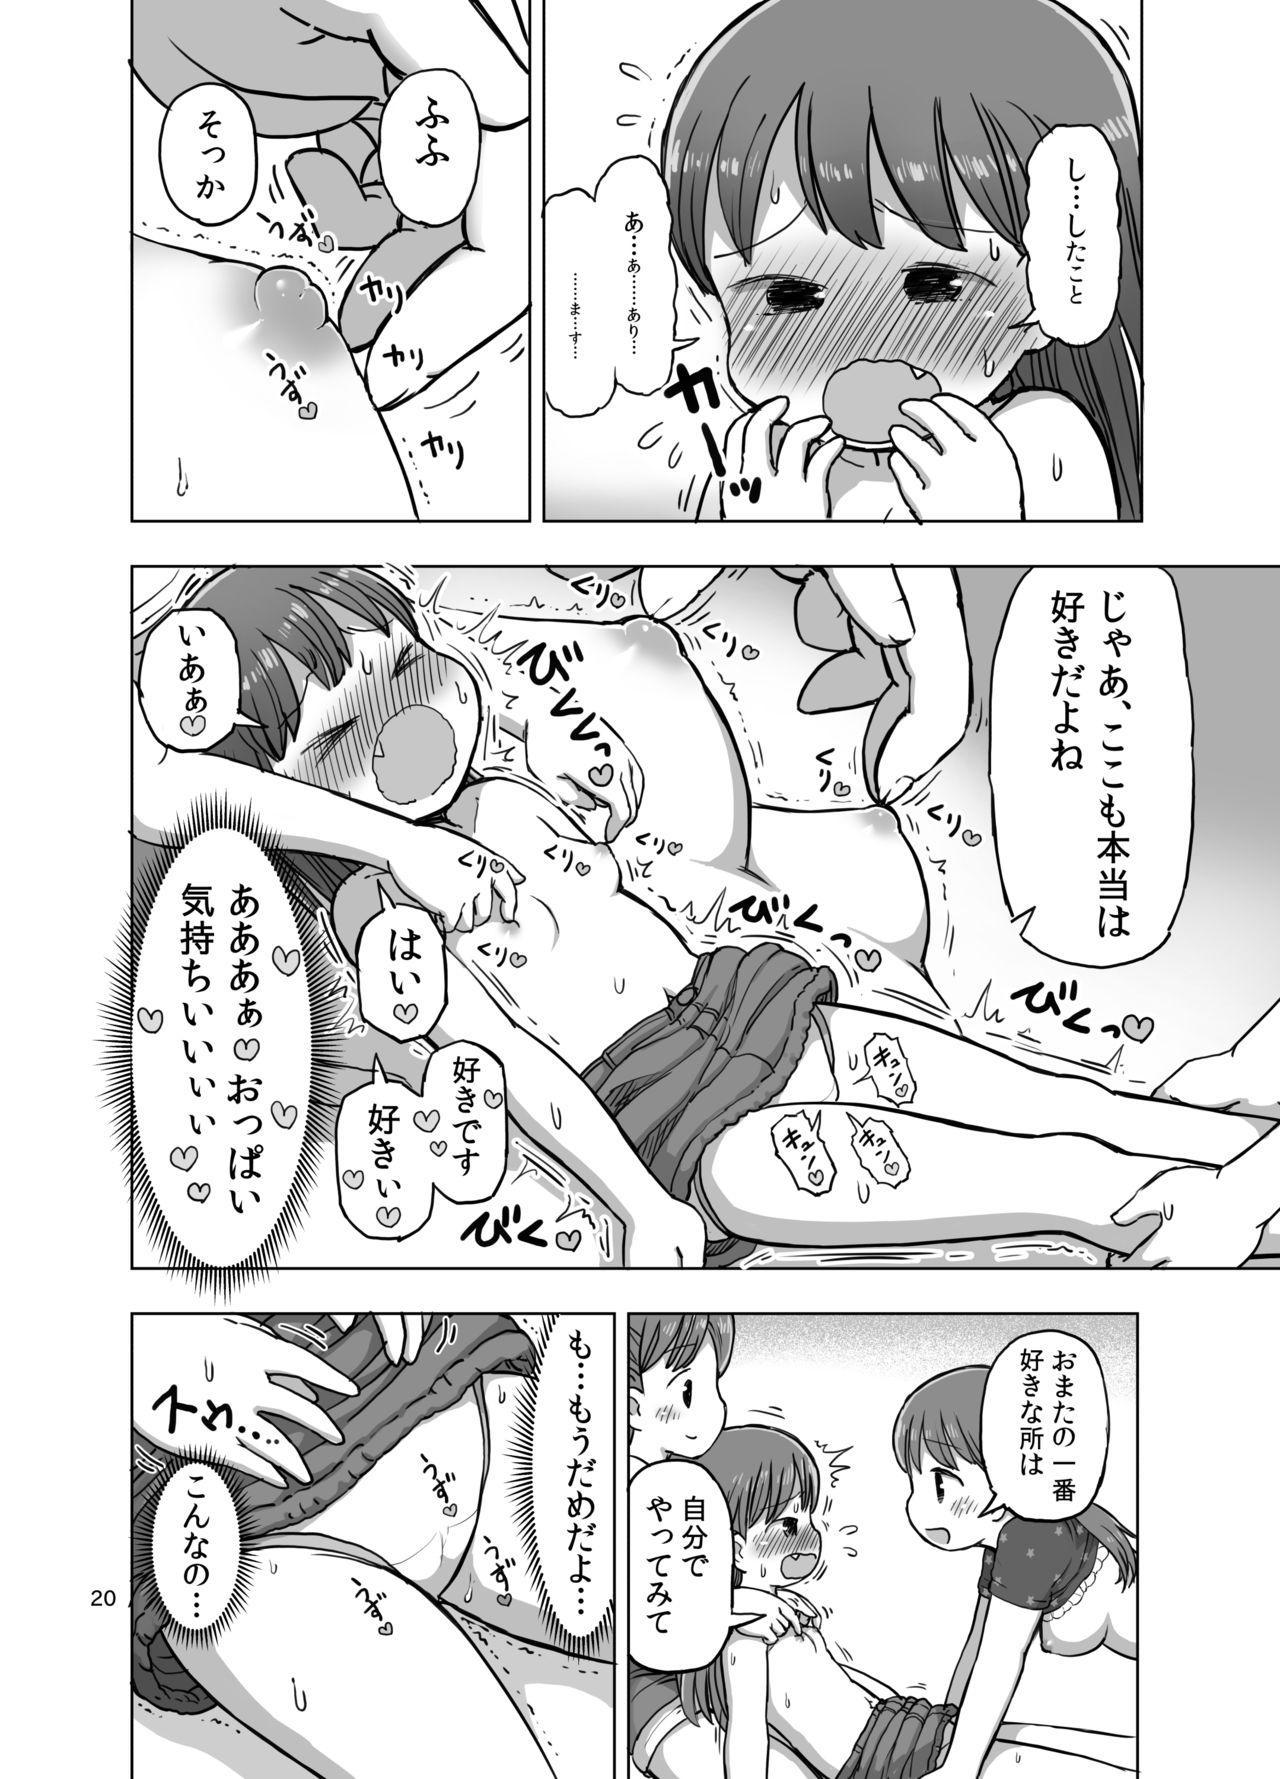 Feather Touch de Jirasarete Onanie Shichau Manga 18